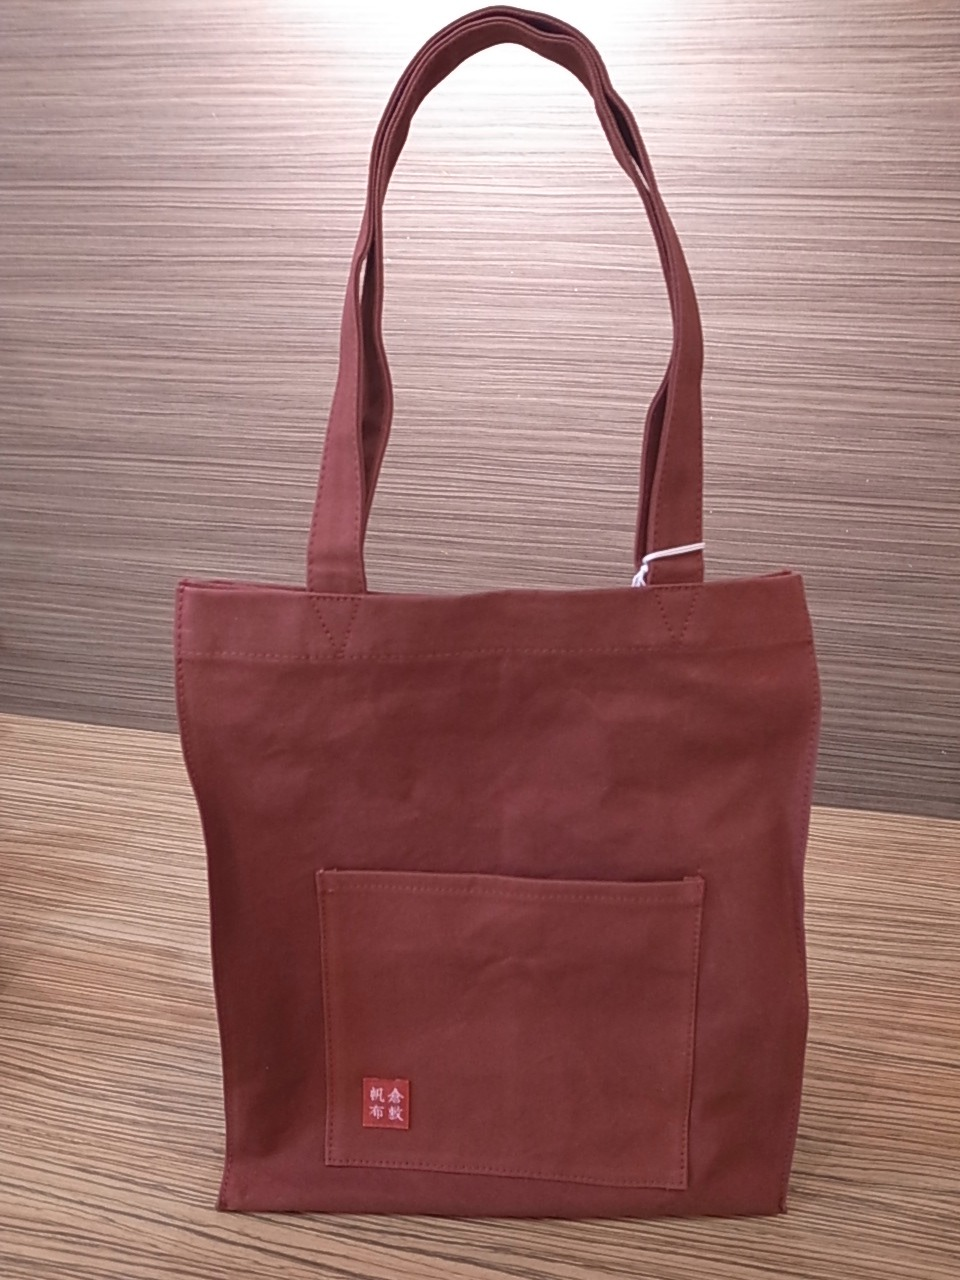 倉敷帆布のバッグ_f0207748_19134897.jpg